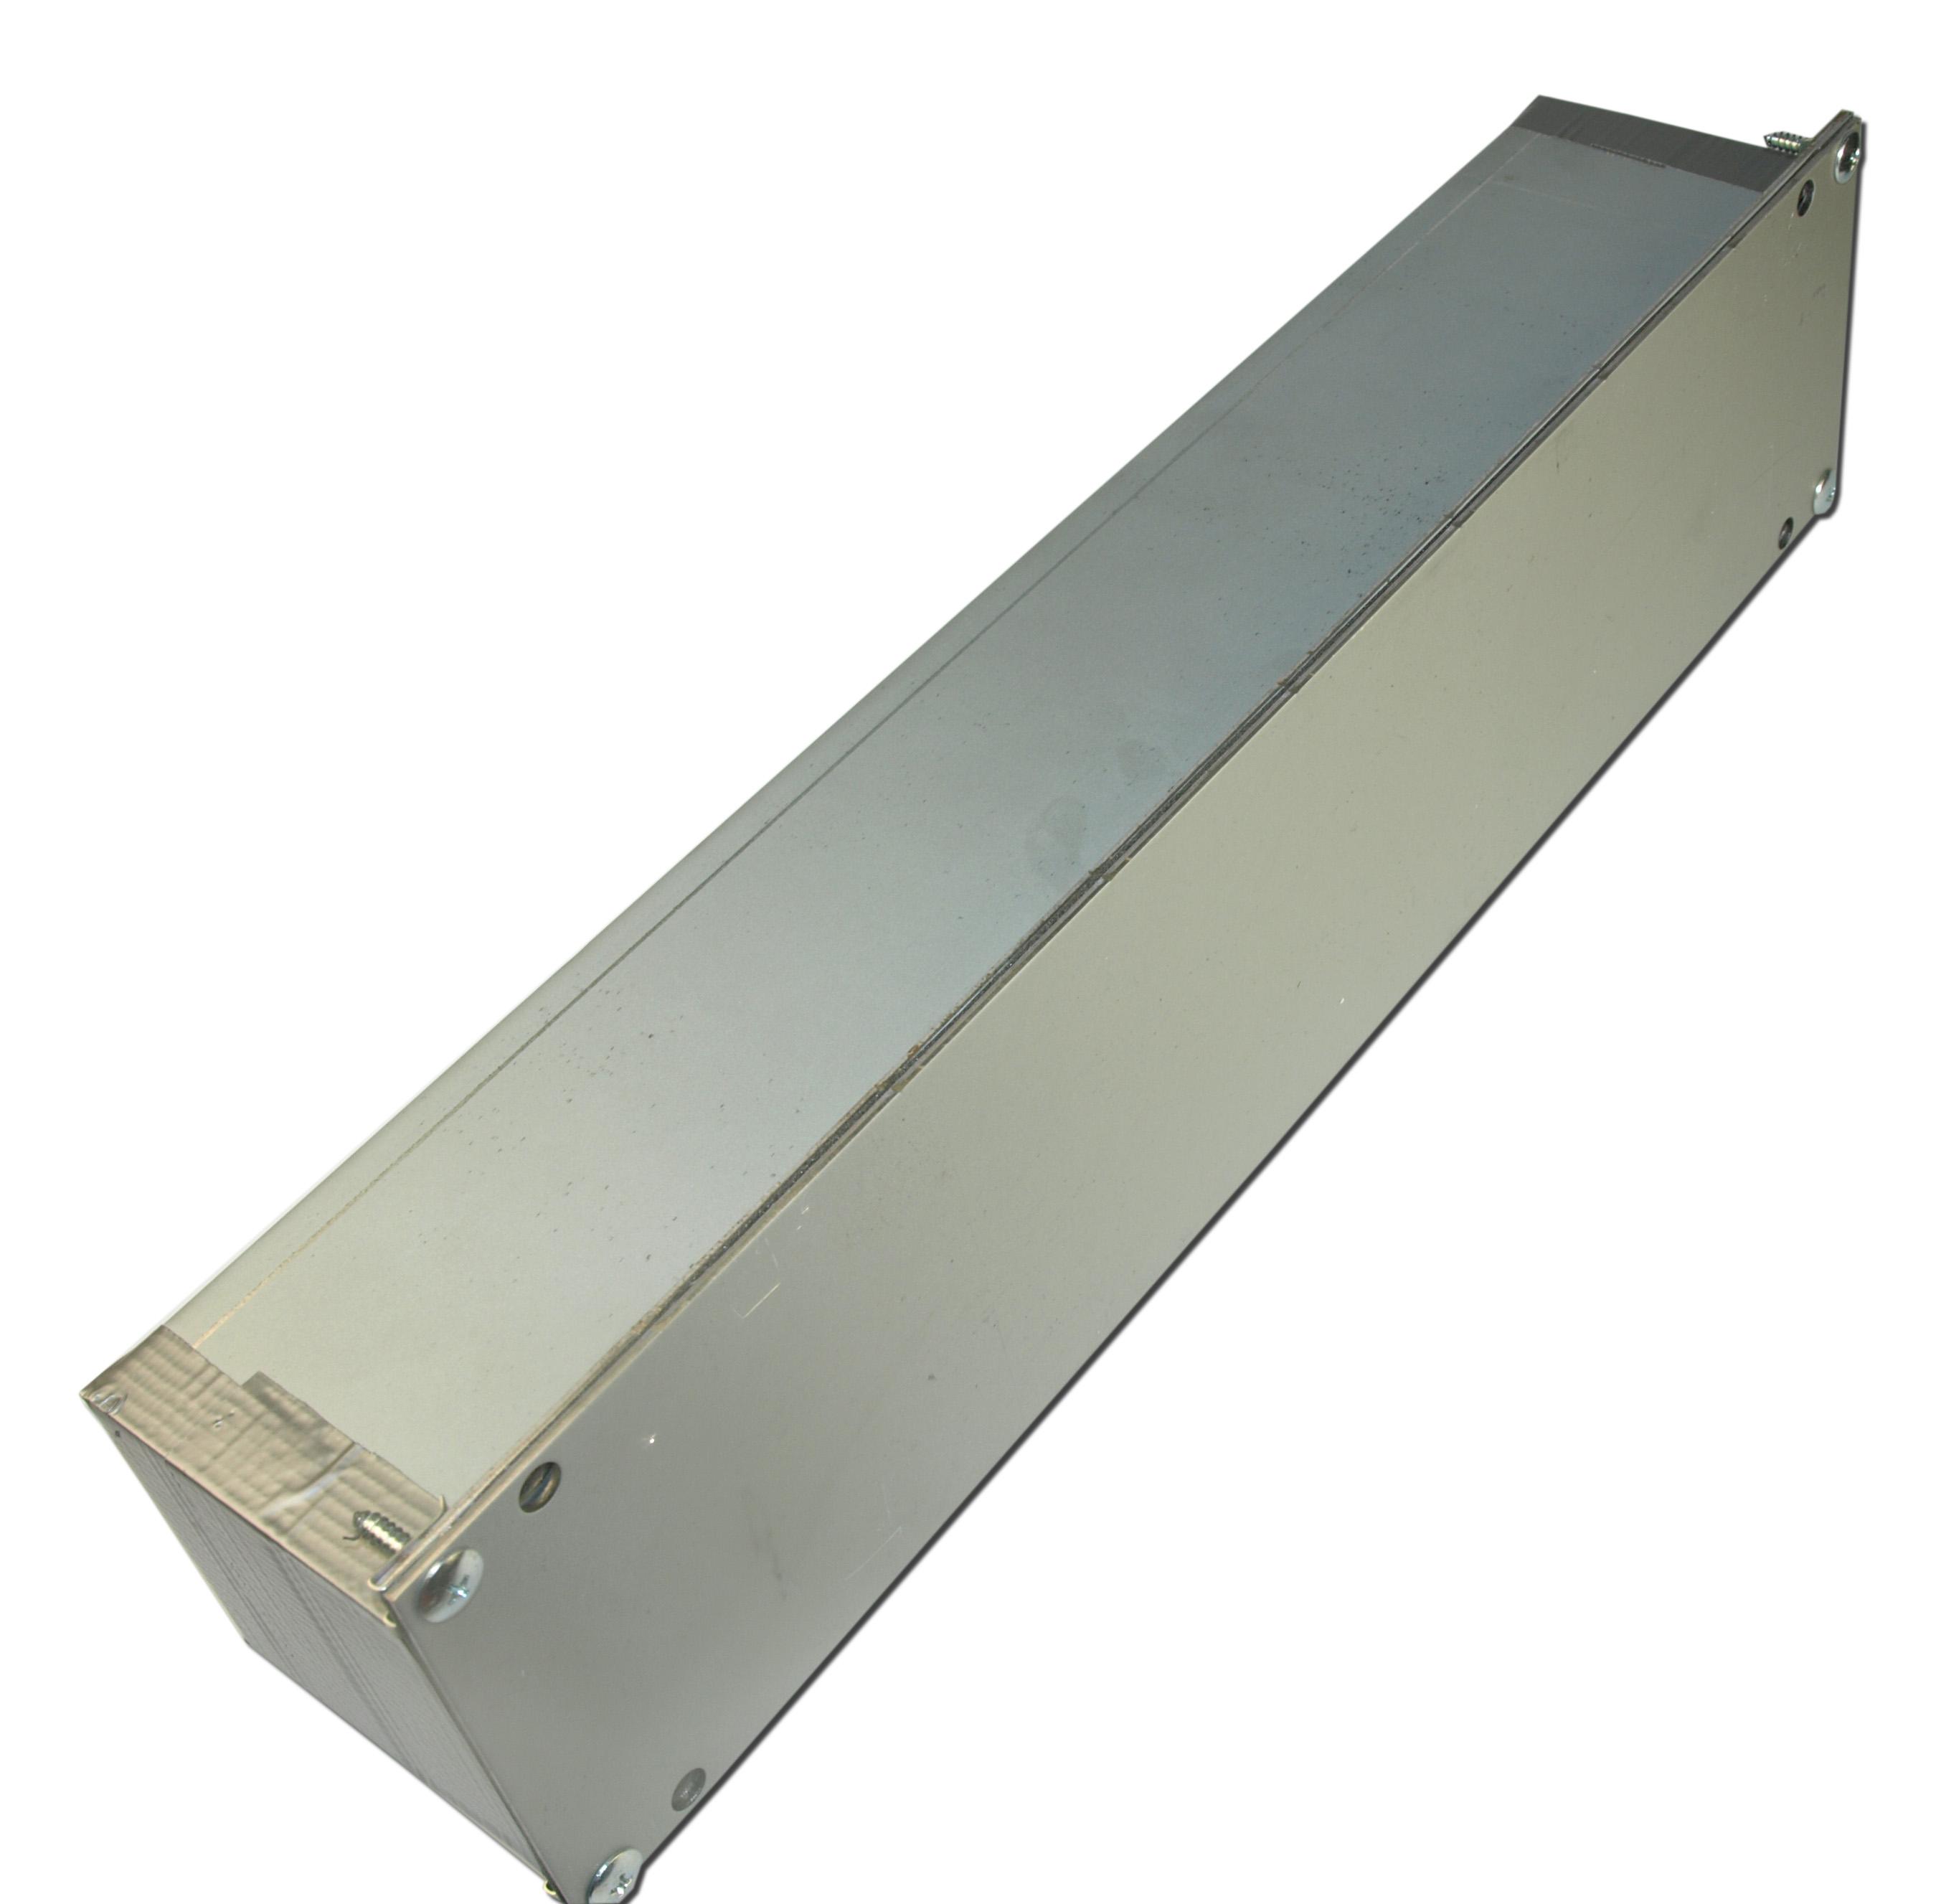 1 Stk Betoneinbaukasten für Notleuchten Design KX NLKXBE----